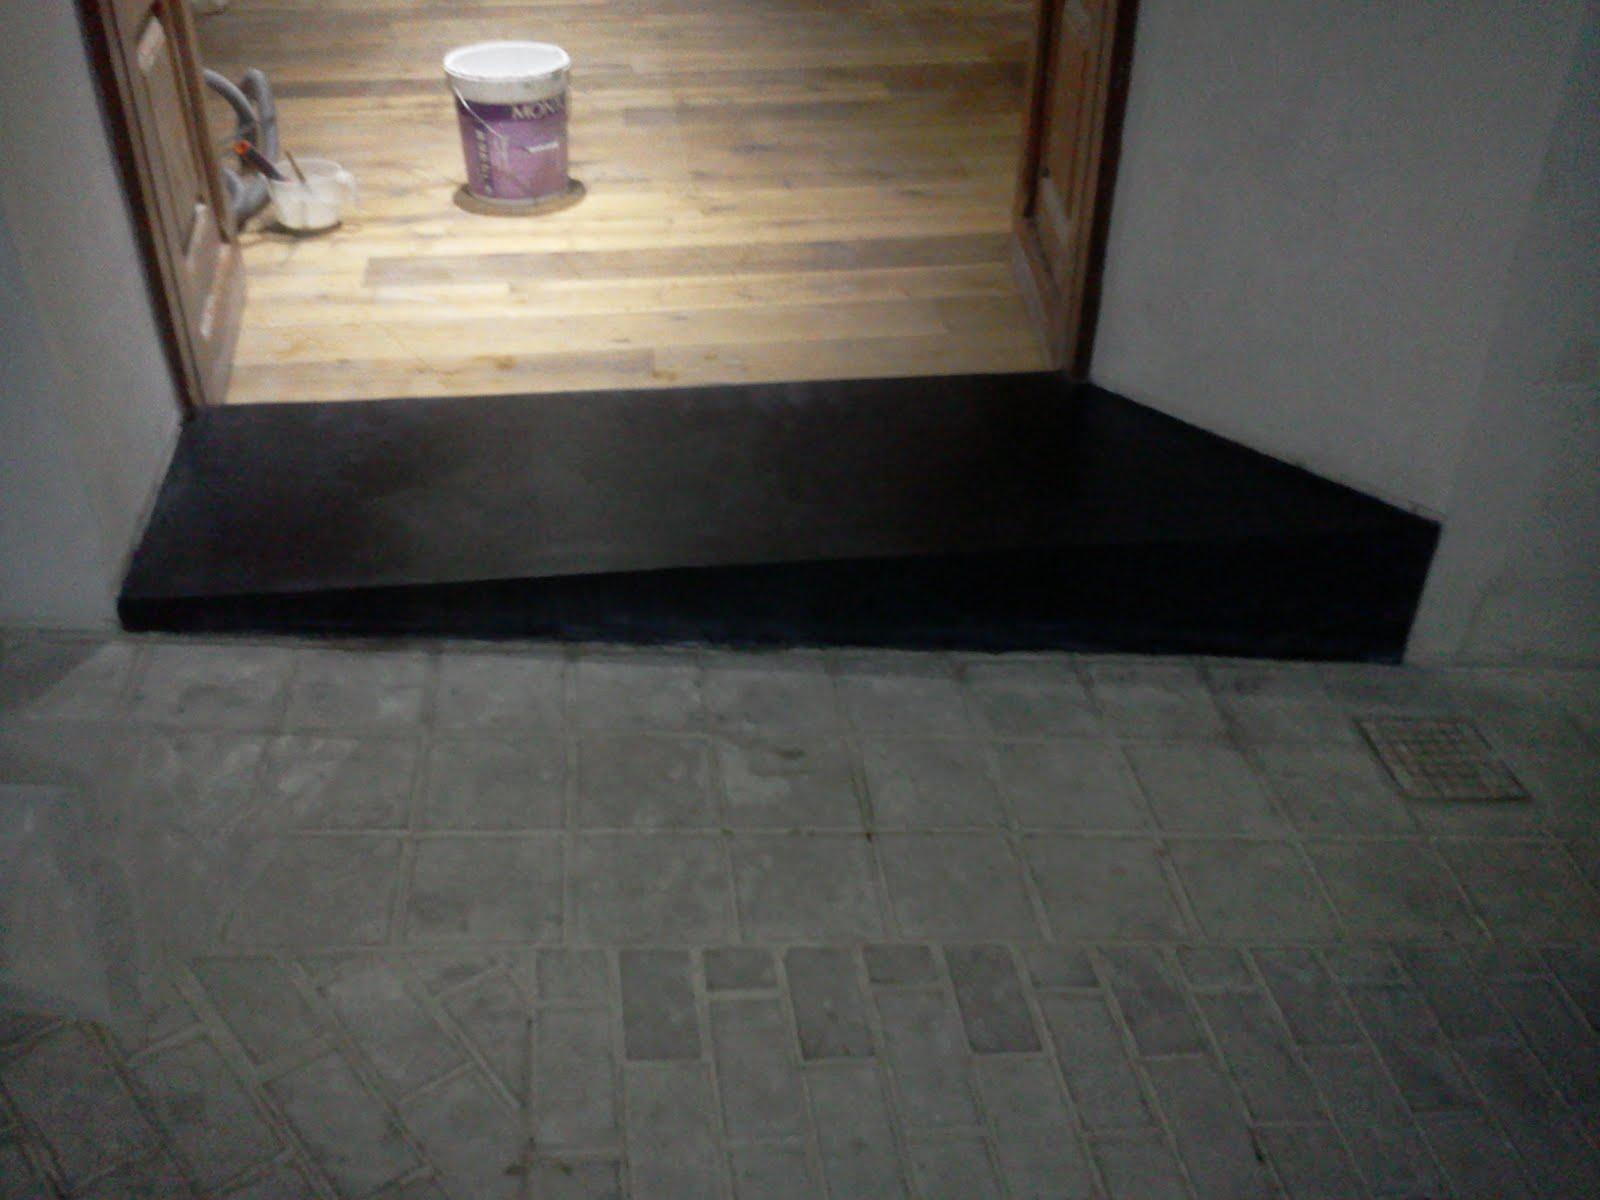 V ctor s ez calatayud microcemento parquet y tarima flotante for Wohnzimmer 4 x 8